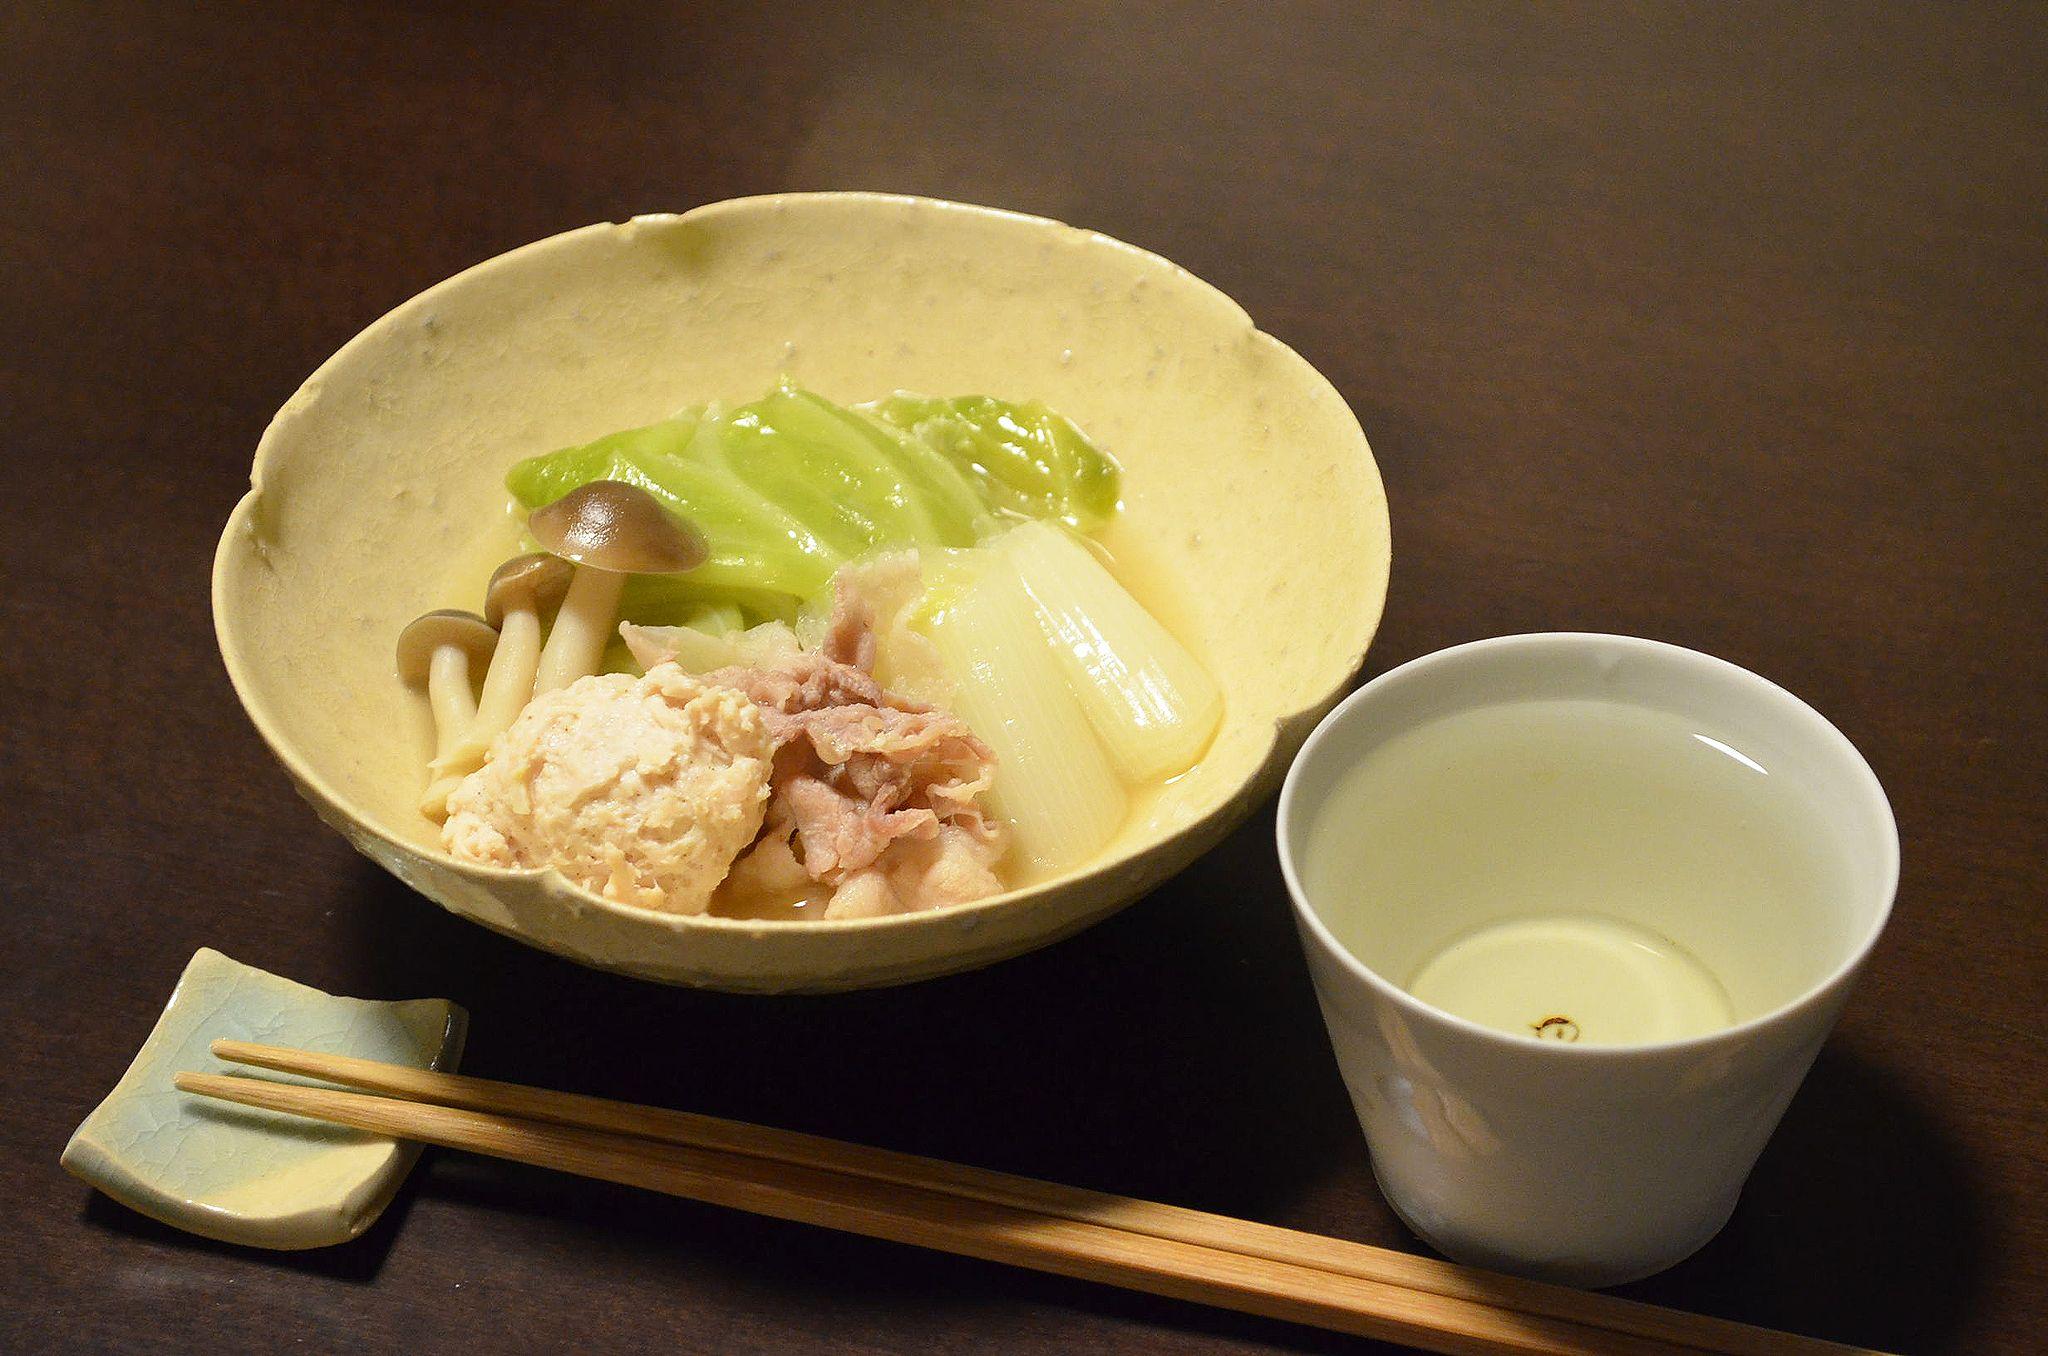 【お鍋】晴れのせいか、今日もとっても冷えた一日でした。どうしてもあたたかいものが食べたくなって、今日はしょうゆとんこつ鍋であたたまりました。白菜ではなくキャベツというのがもつ鍋っぽくてうれしいのです。今日のお酒は、神奈川・熊澤酒造の「天青・吟望」防空壕貯蔵です。